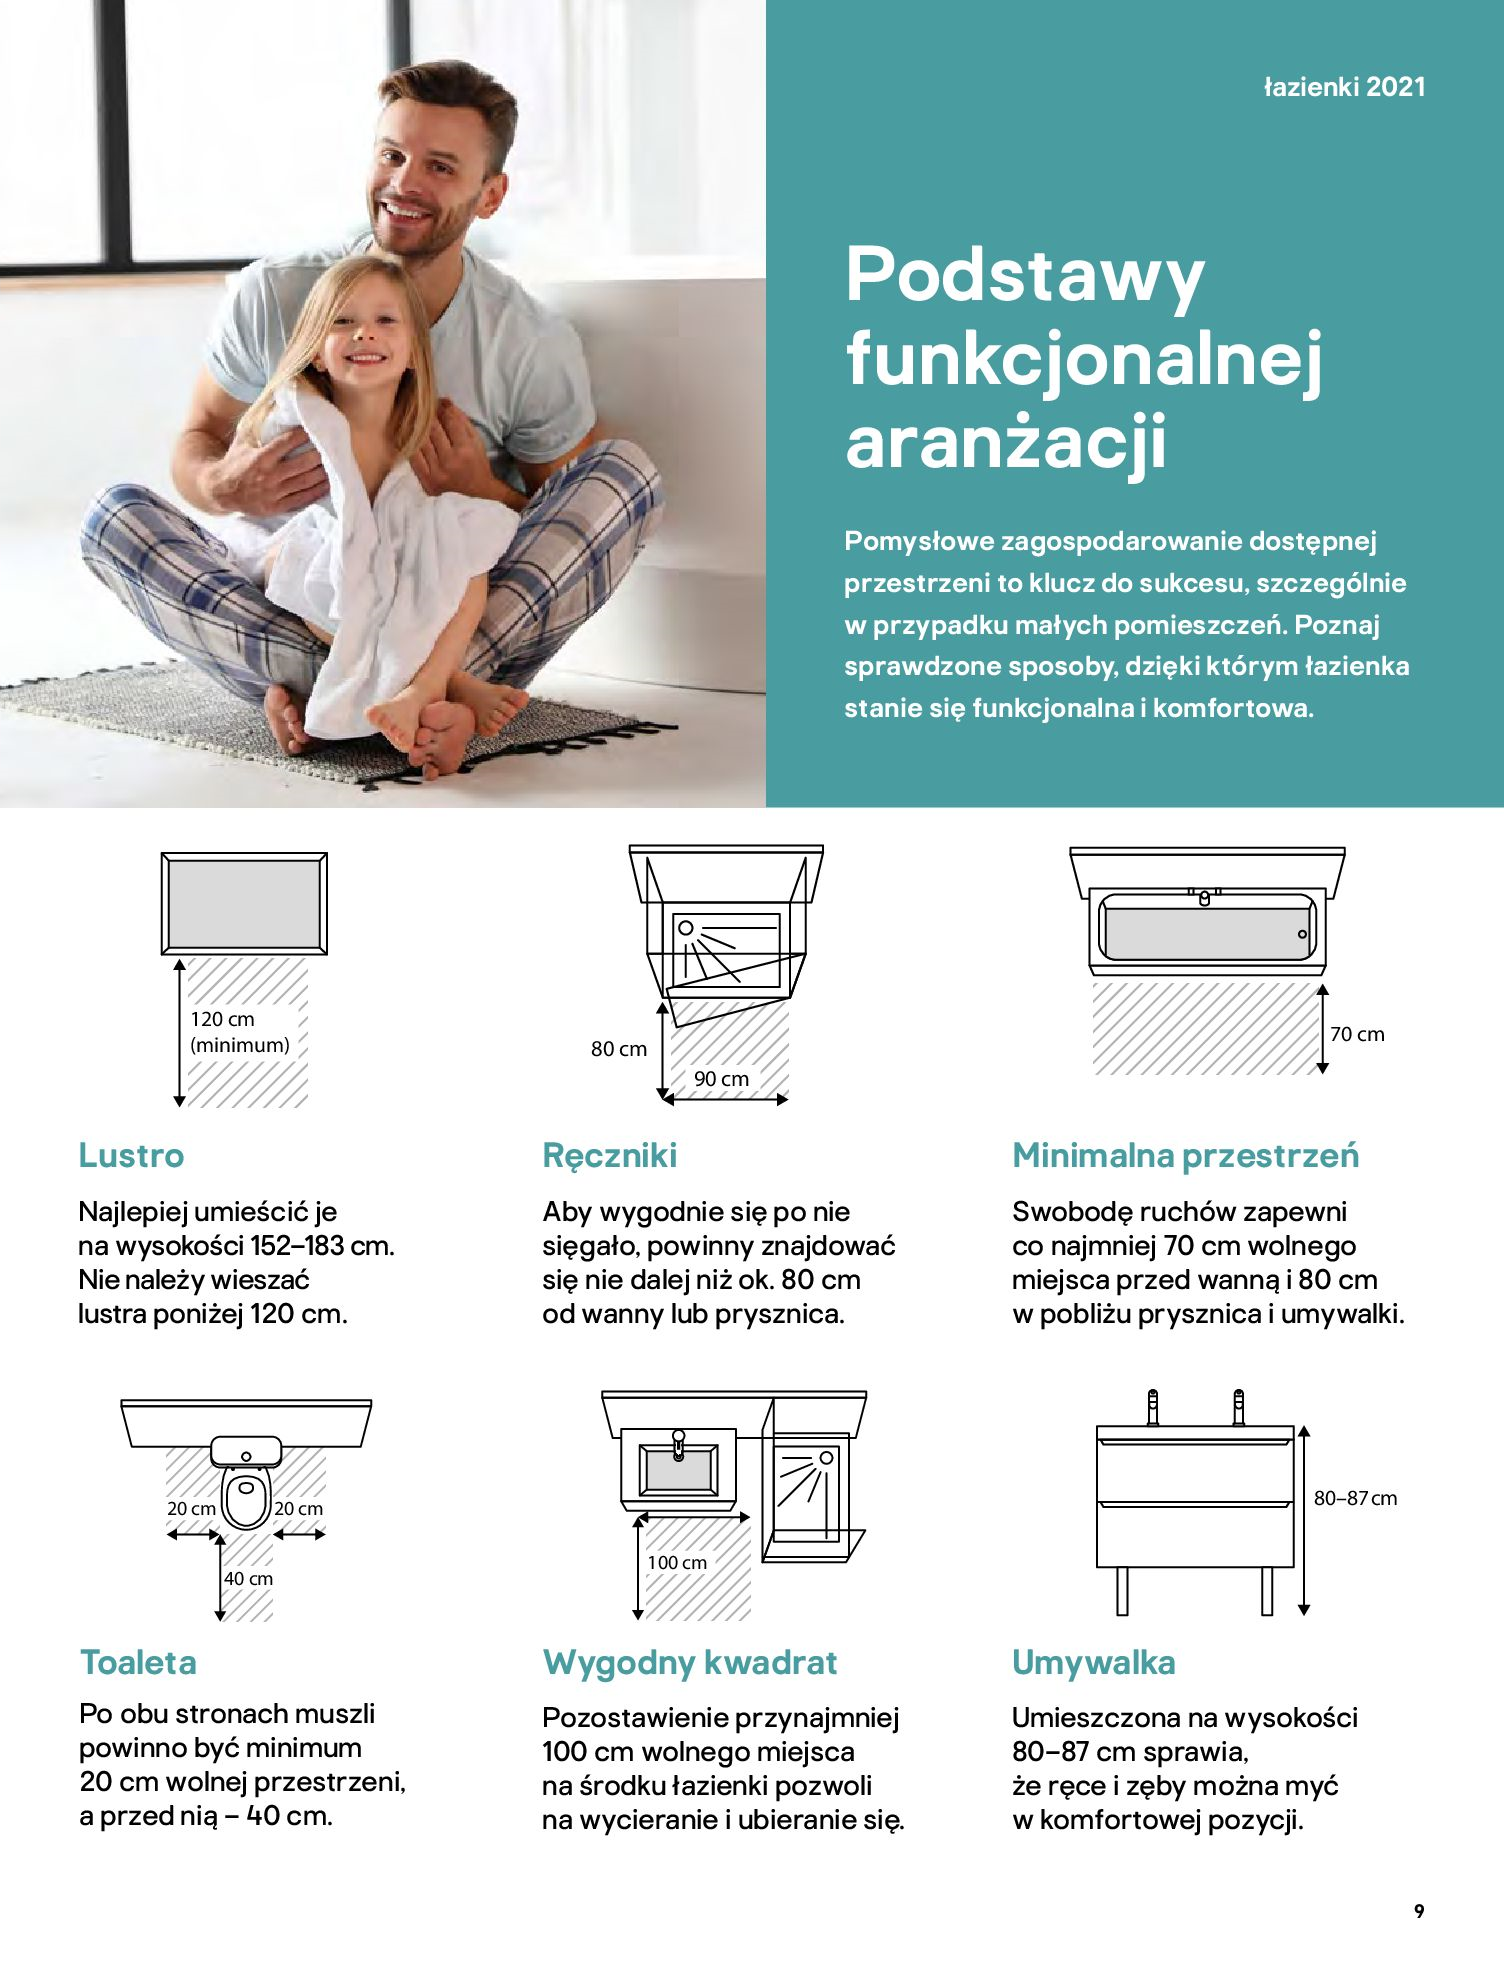 Gazetka Castorama: Gazetka Castorama - katalog łazienki 2021 2021-06-16 page-9